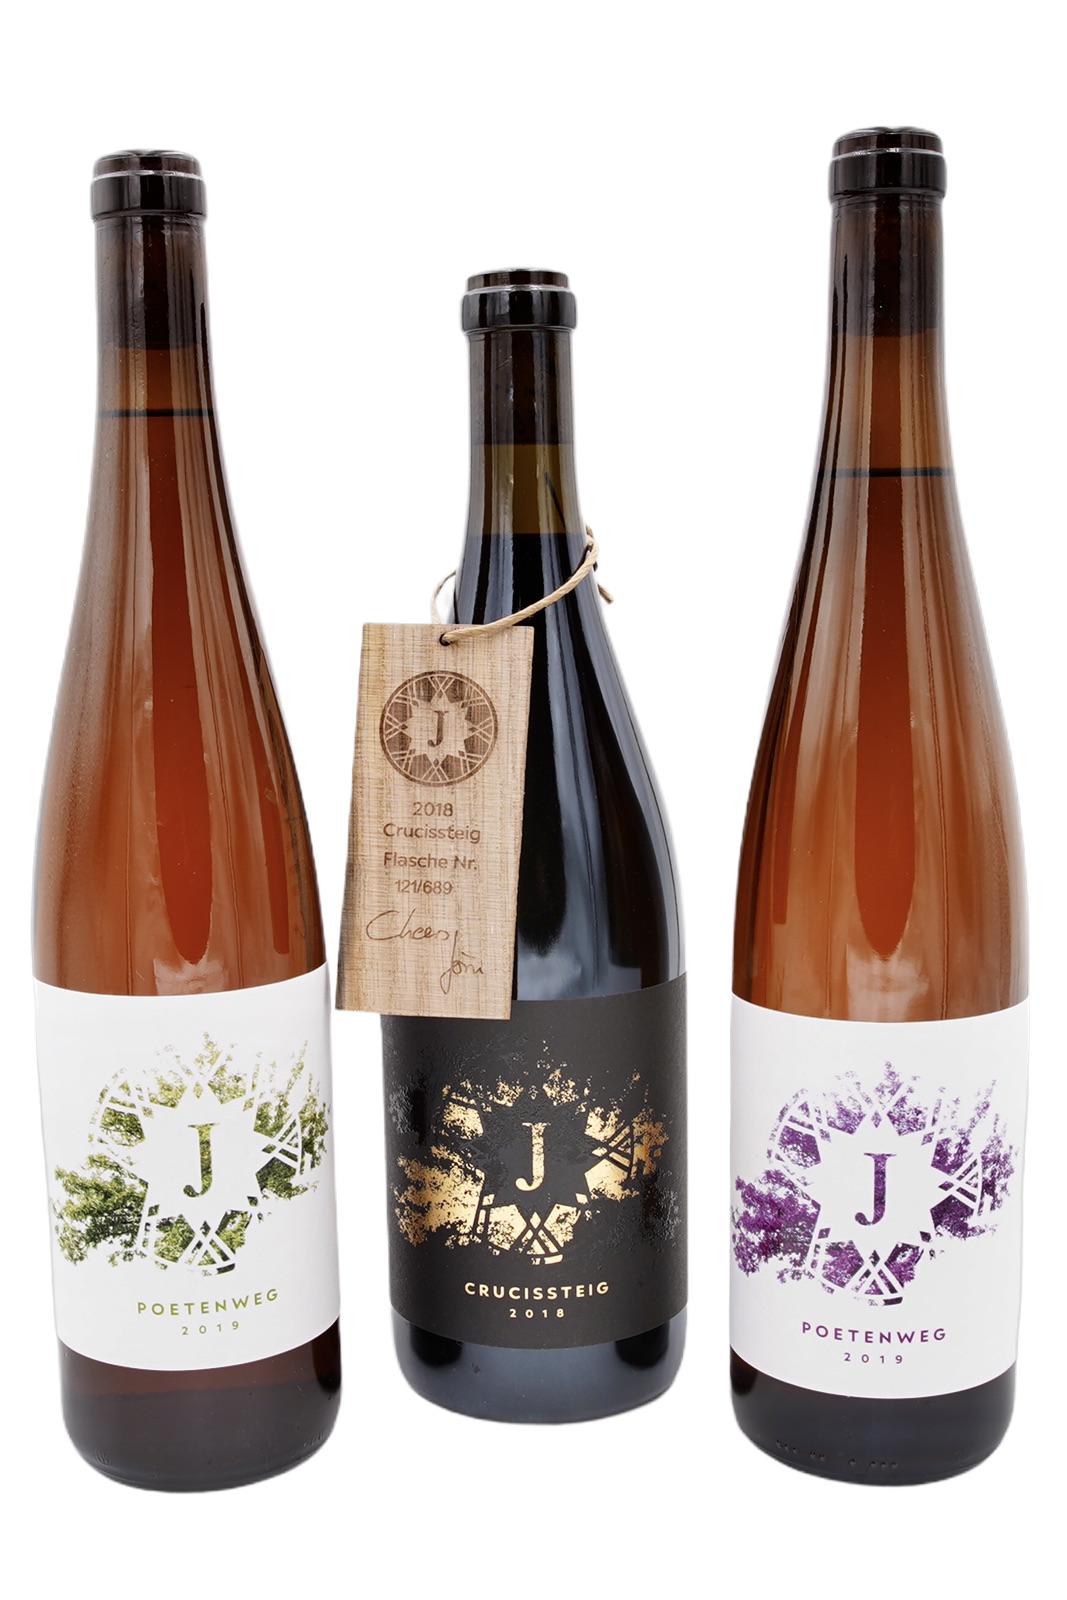 Joern Wein - Made in Thüringen